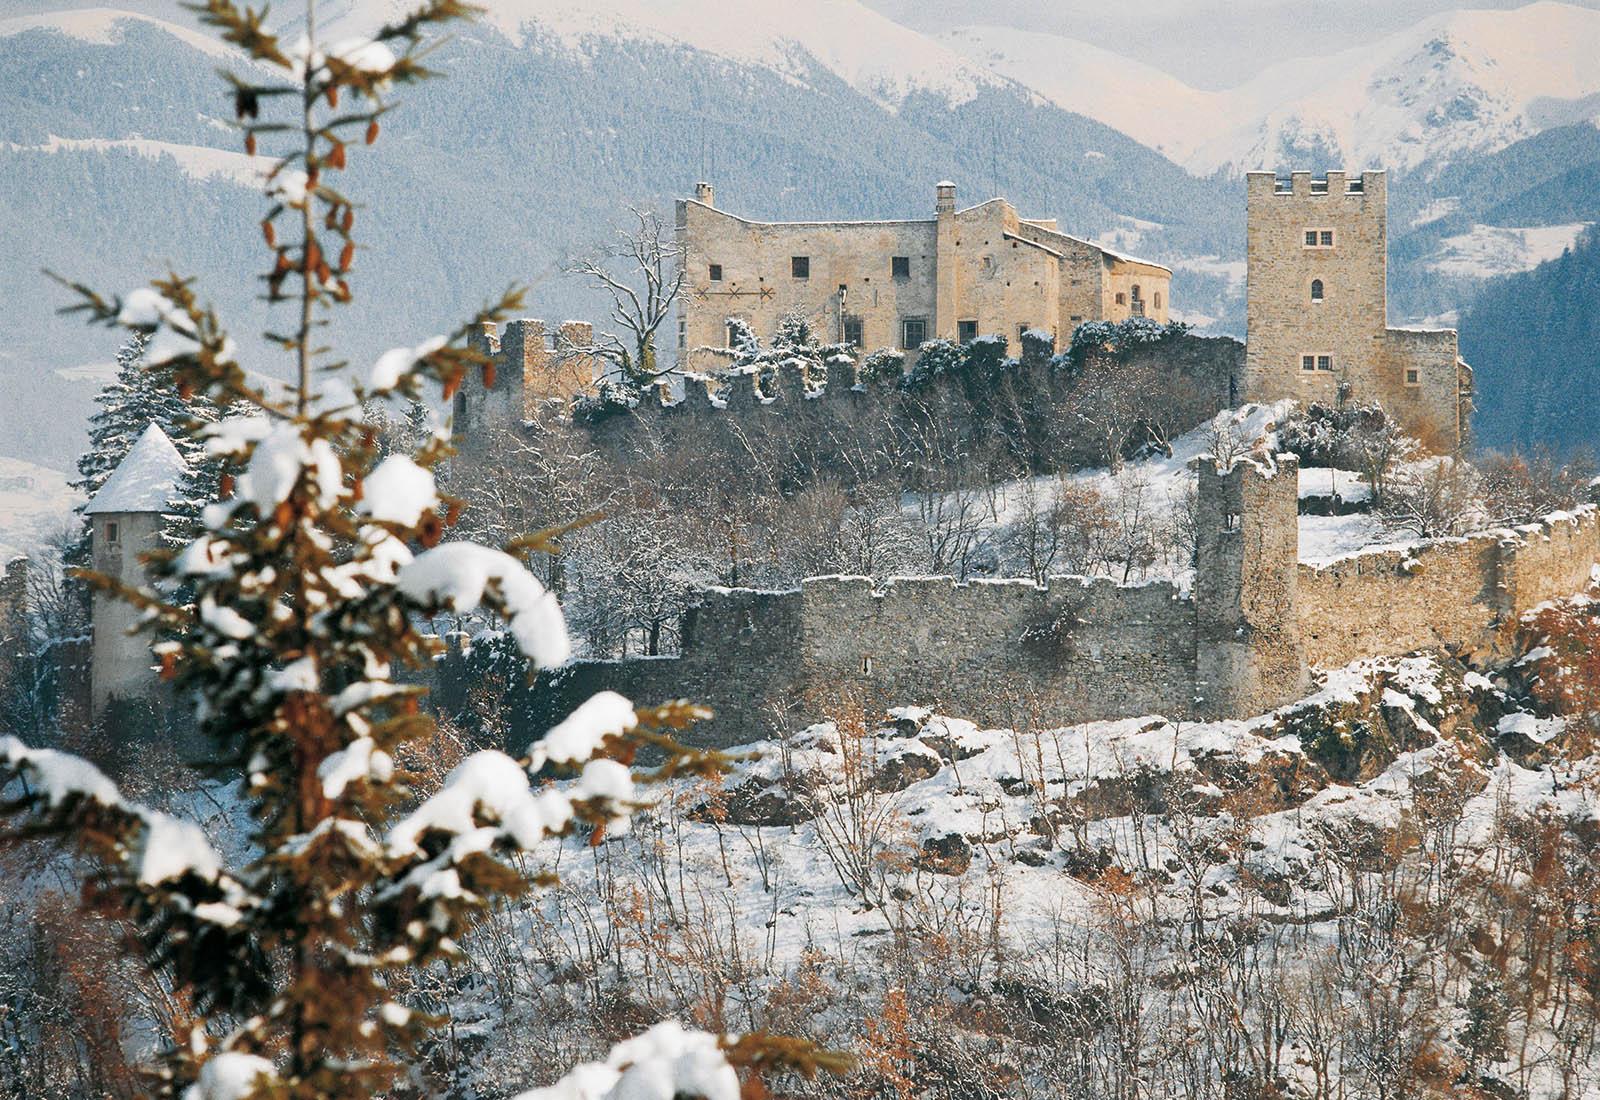 Mercatini di Natale – dal Castello di Trento al Borgo di Tenno – Tour in giornata – 02 Dicembre 2018